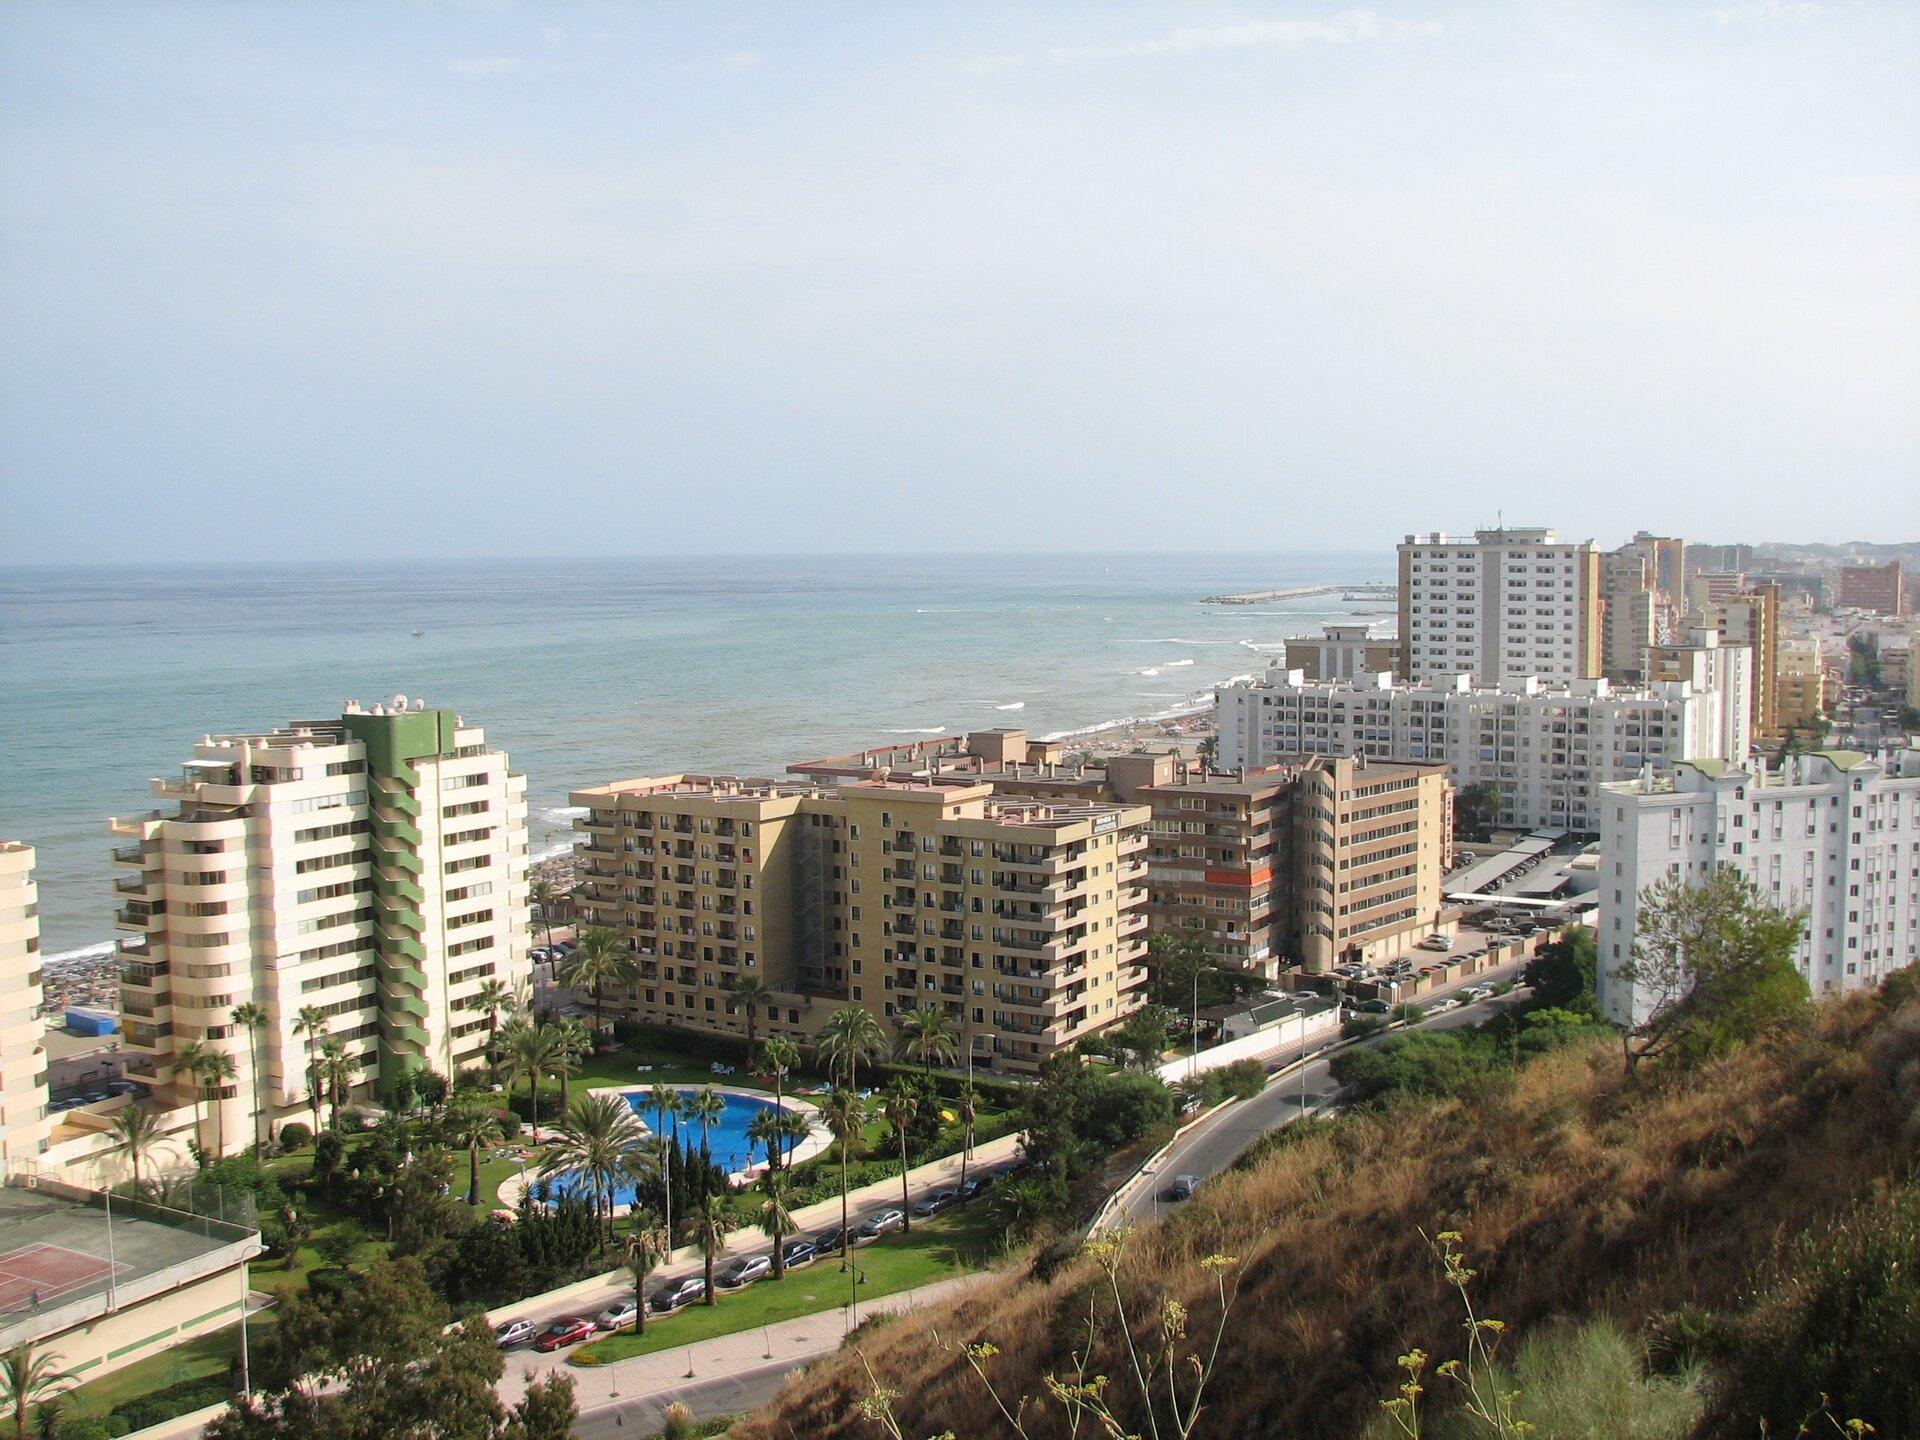 Na zdjęciu wysokie bloki przy brzegu morza. Pomiędzy budynkami bogata roślinność, basen.